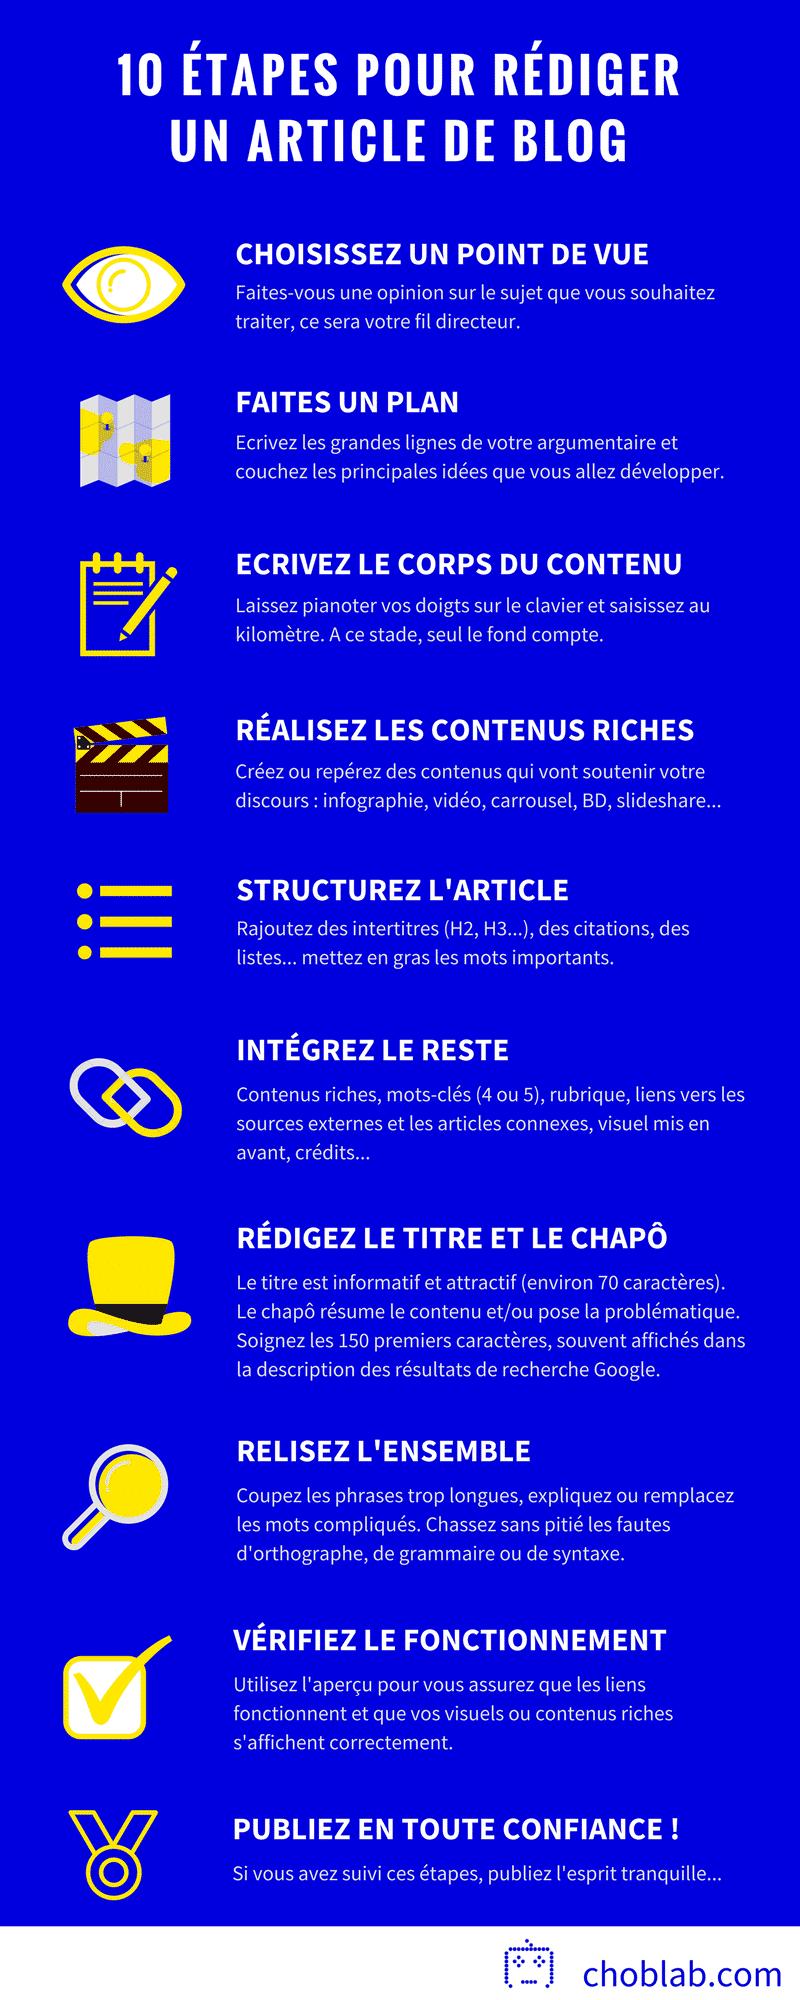 Rédiger un article de blog en 10 étapes - infographie